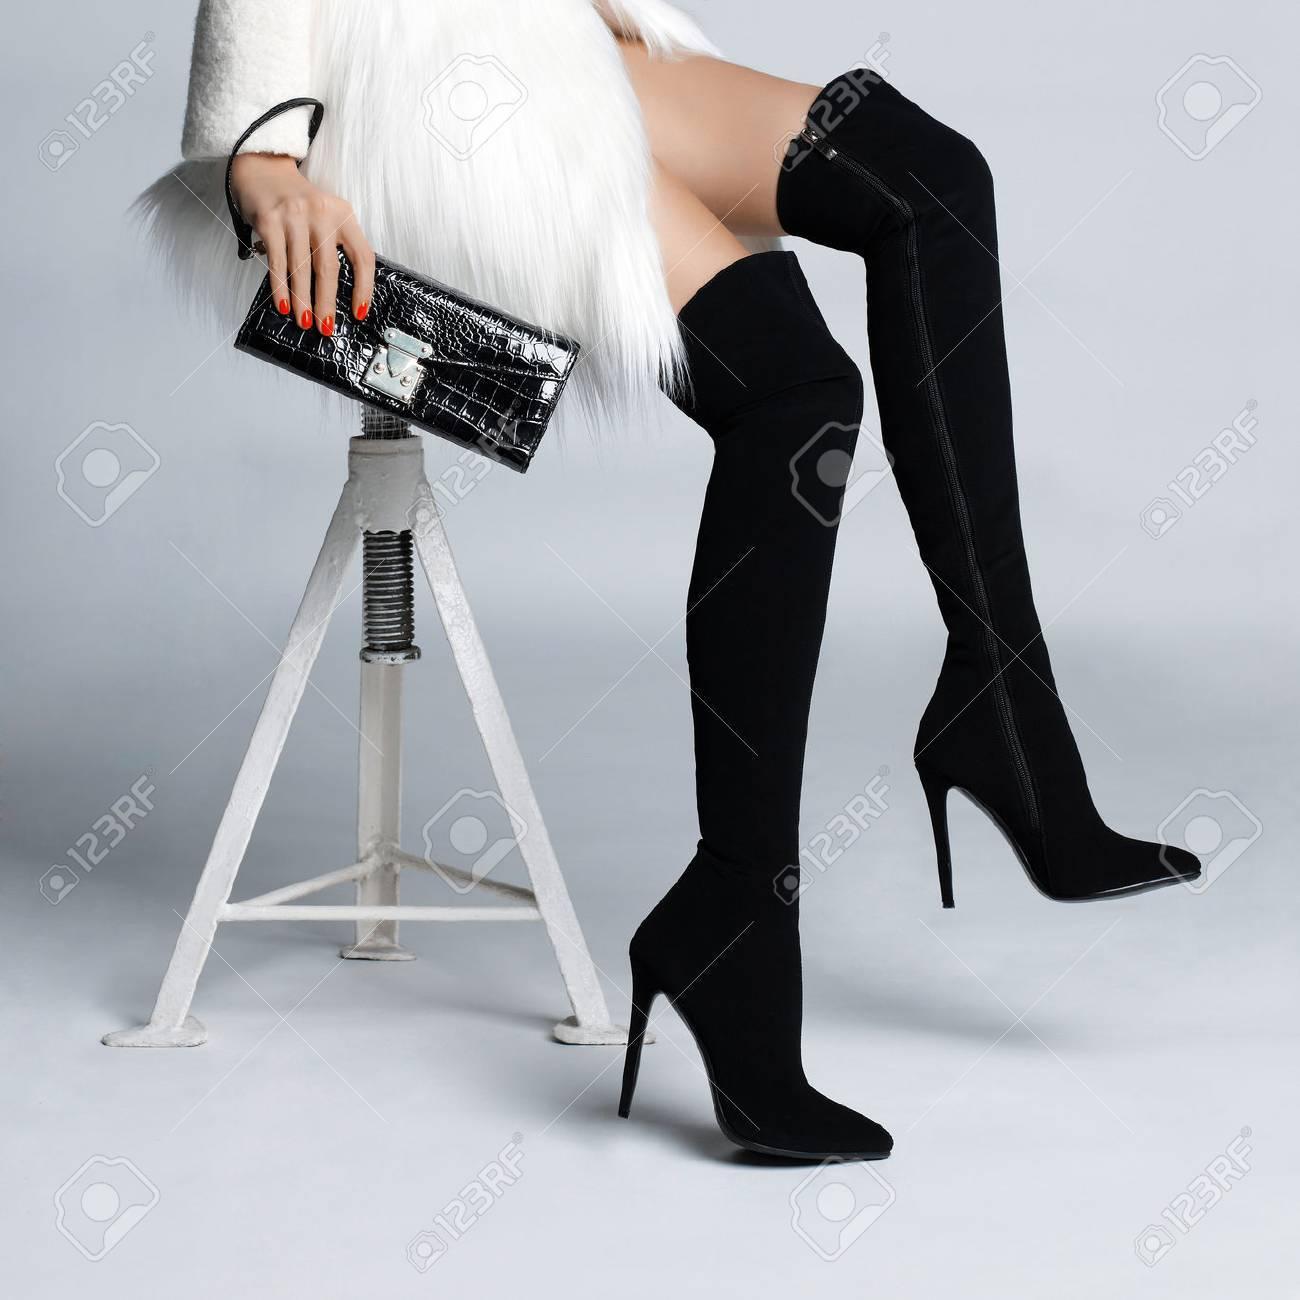 femme avec des bas et bottes